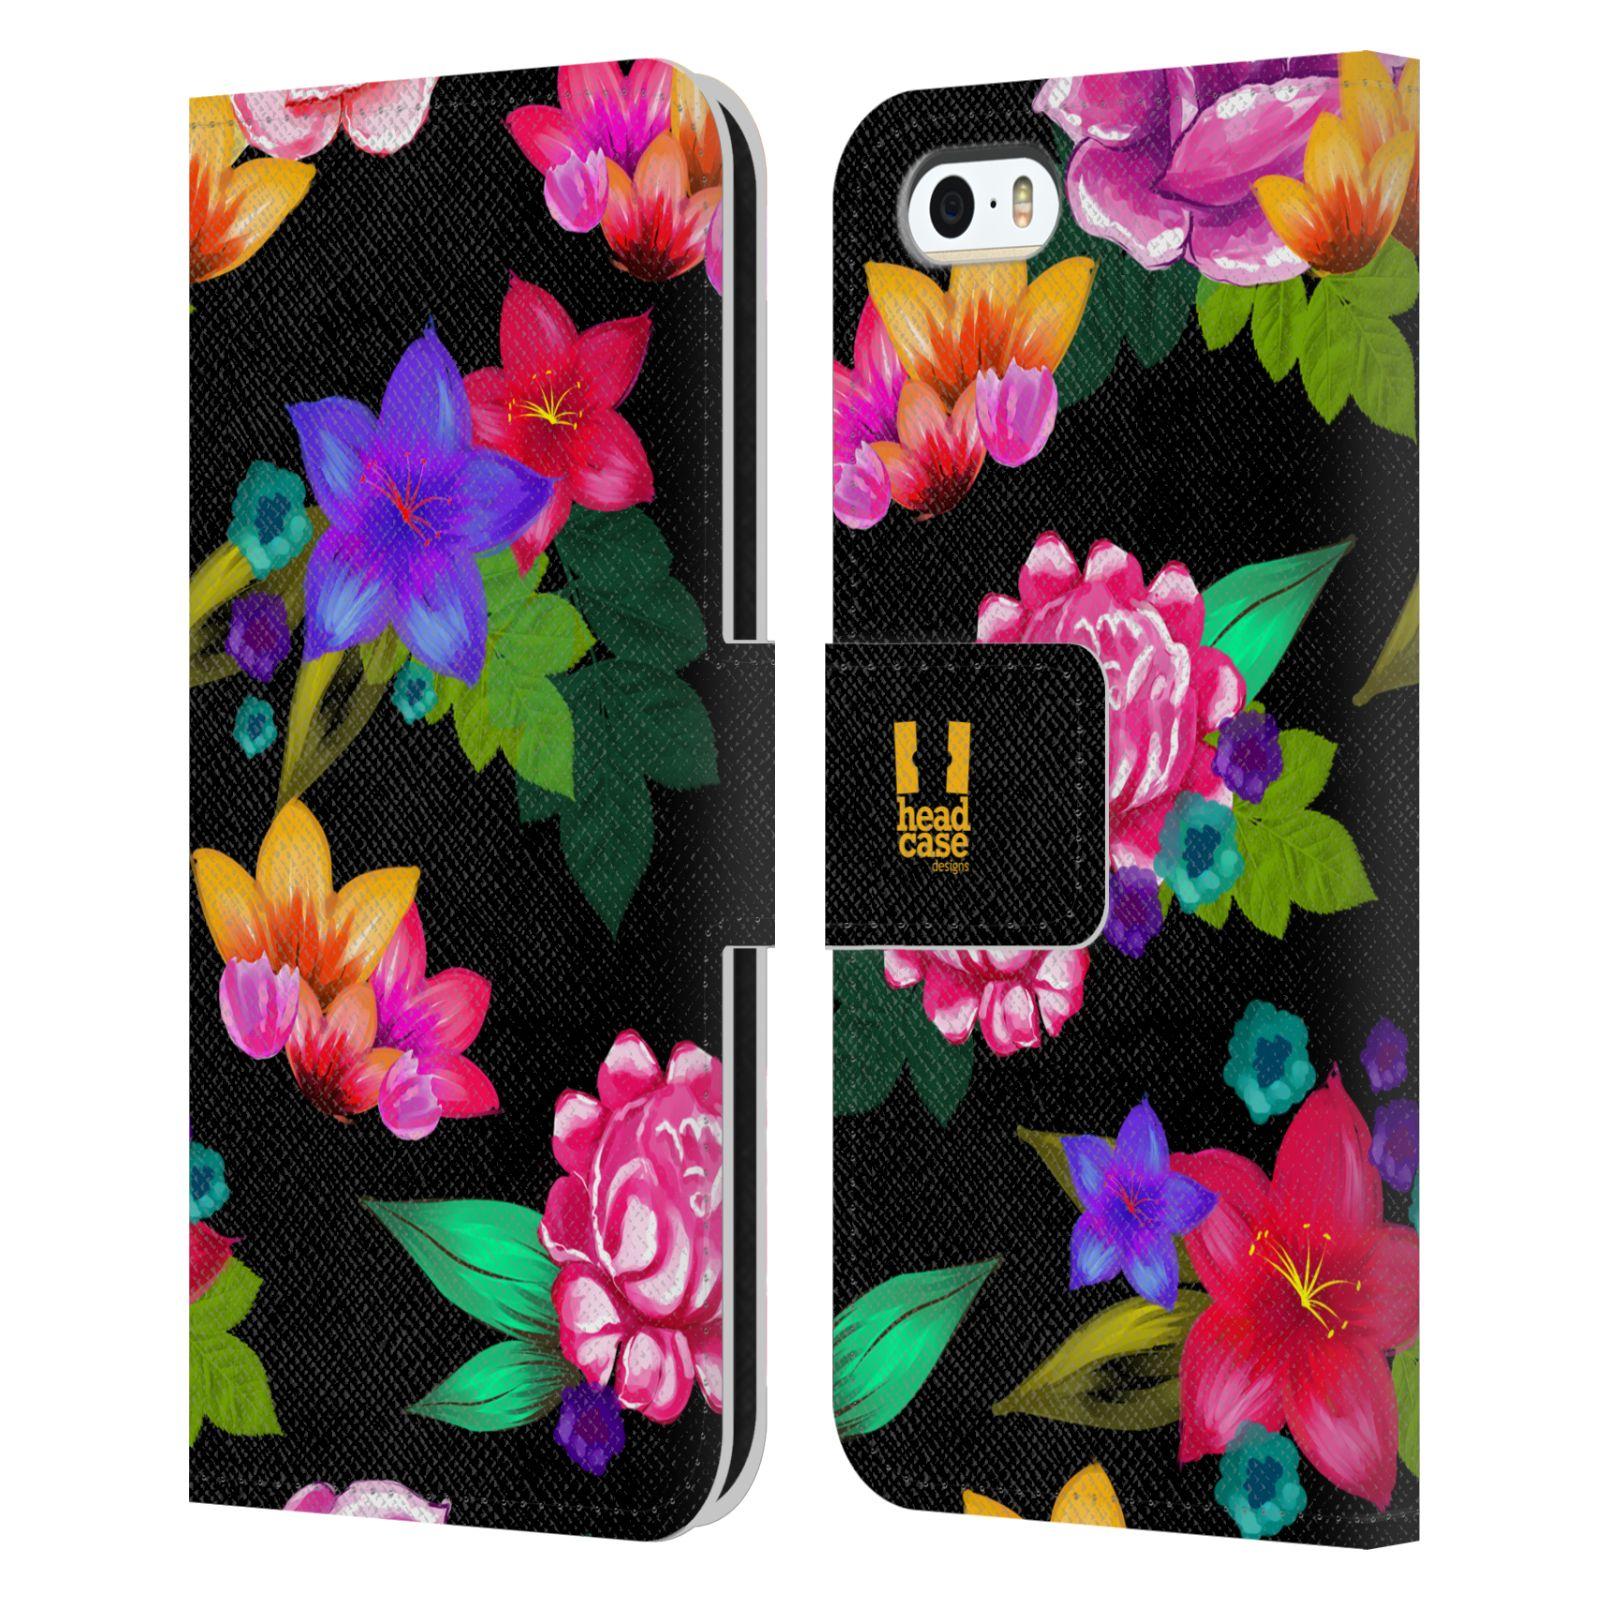 HEAD CASE Flipové pouzdro pro mobil Apple Iphone 5/5s barevné kreslené květiny černá